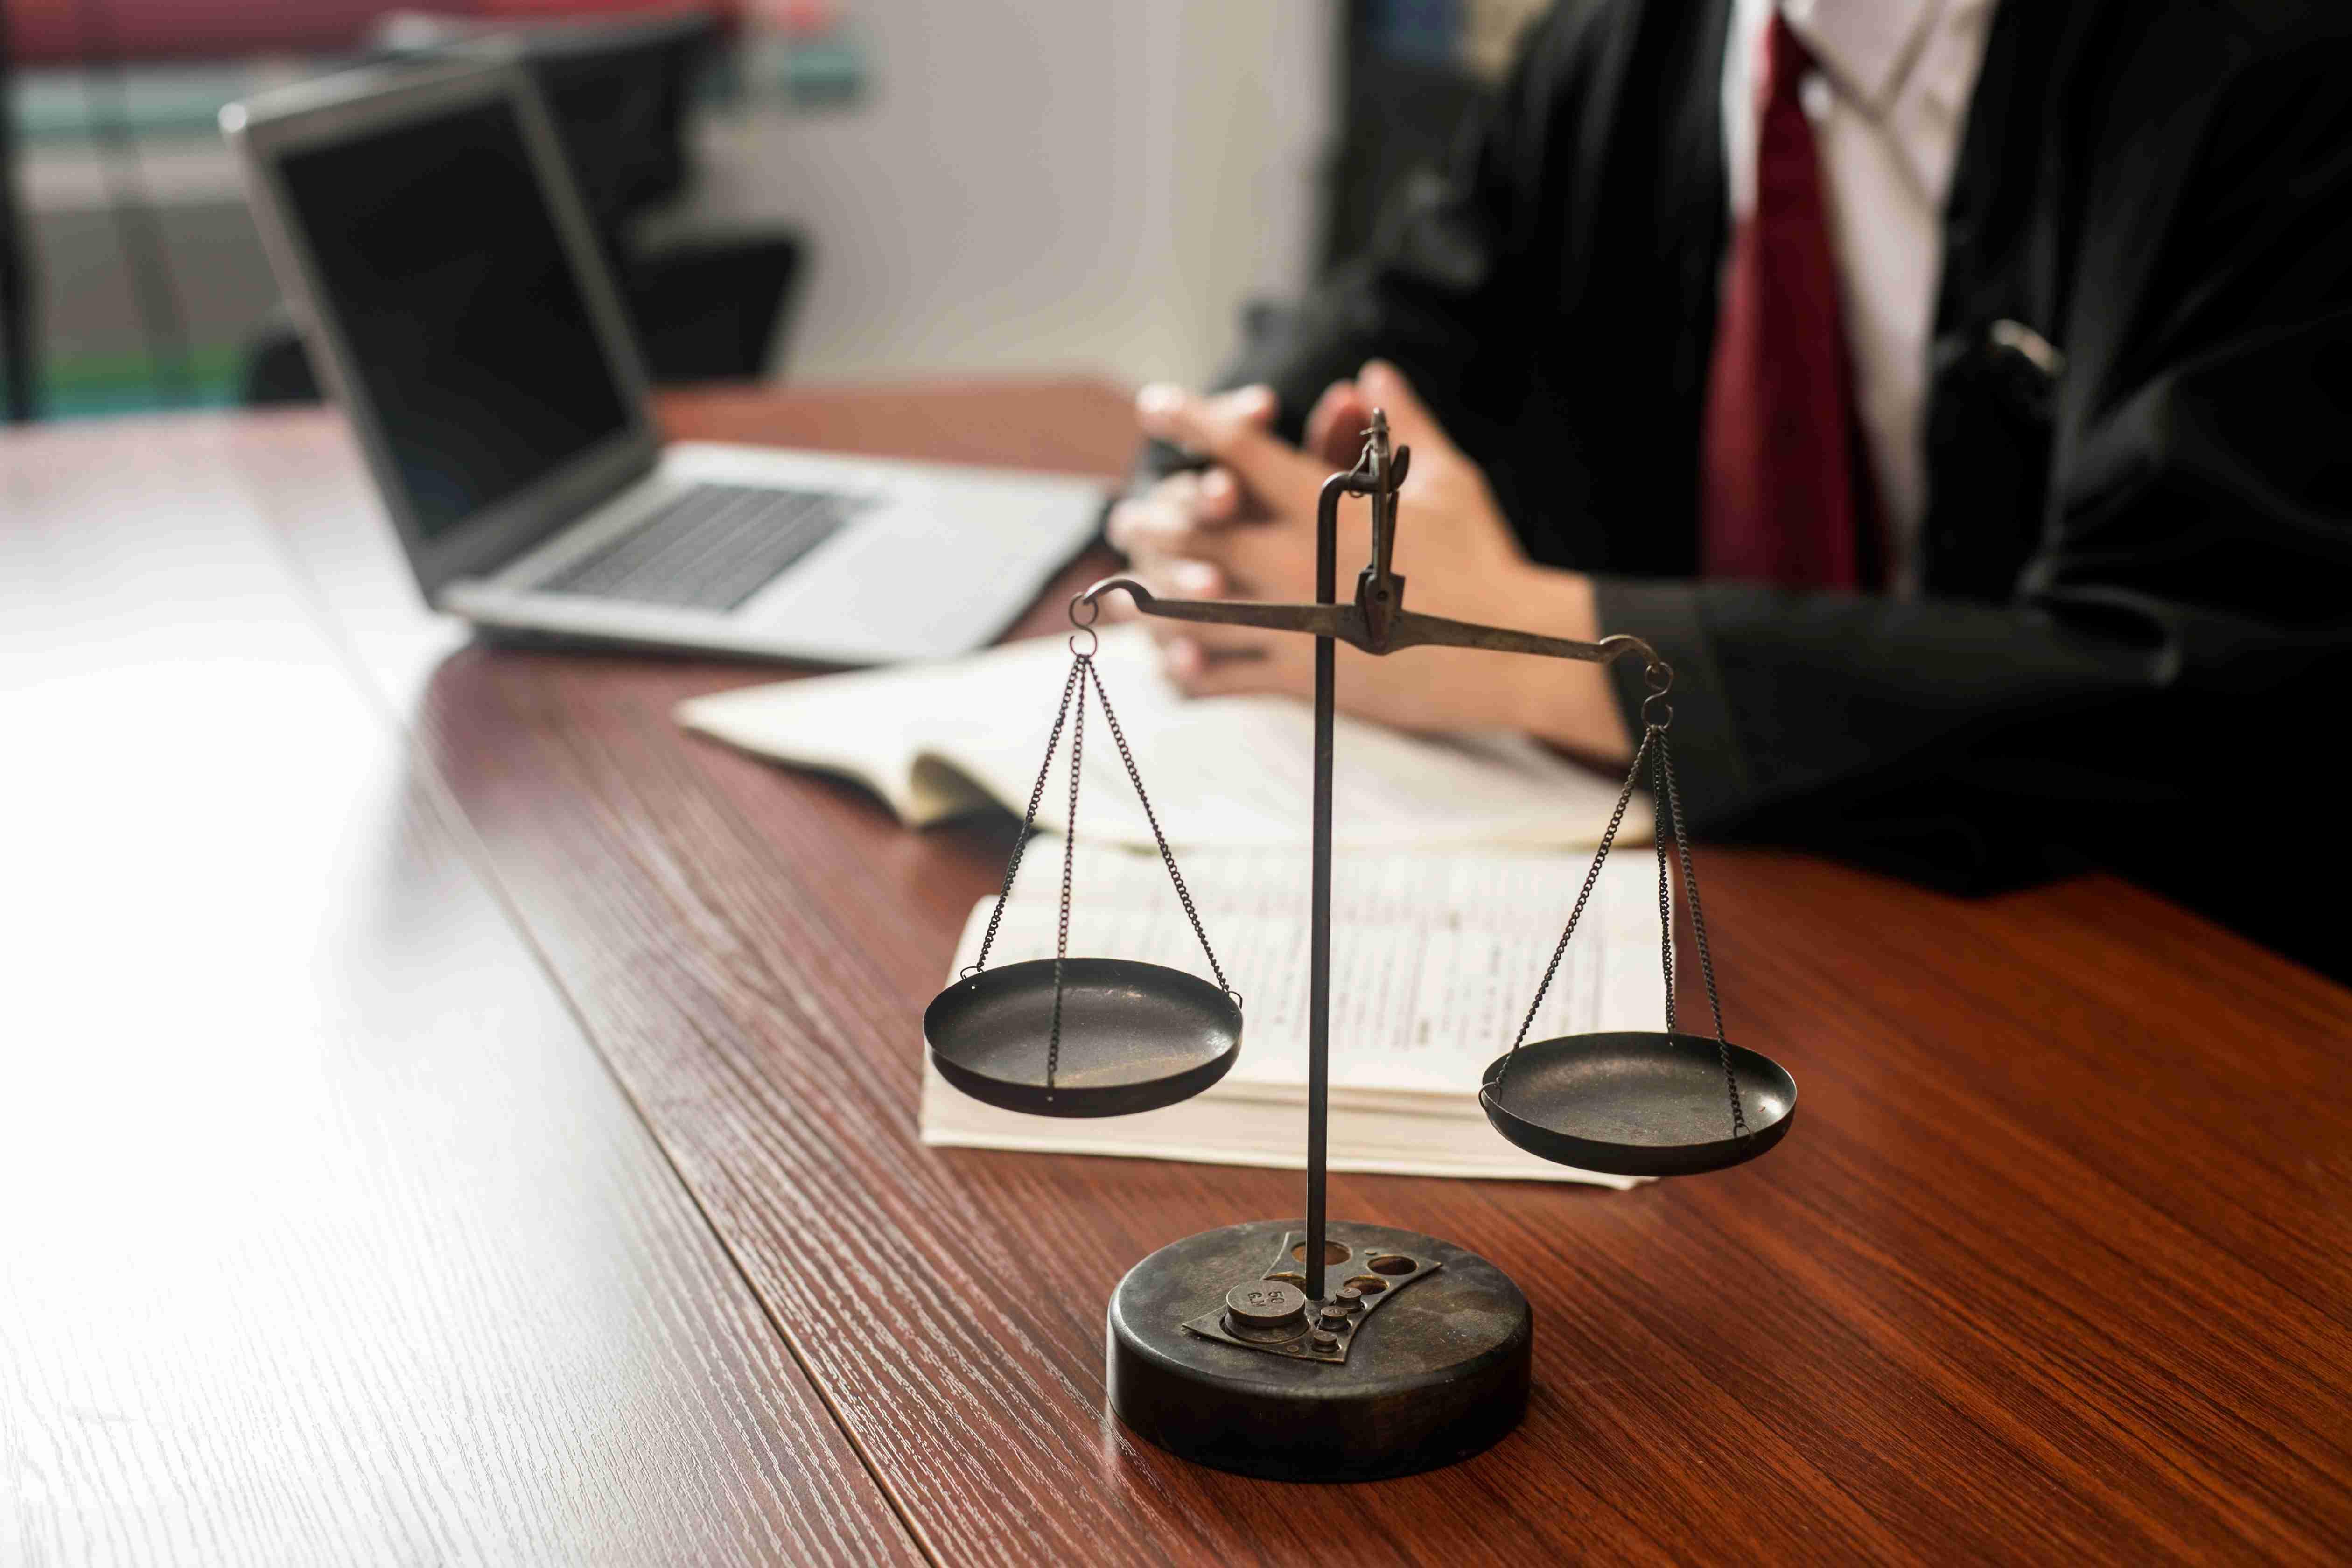 江小白商标被法院宣判无效?到底是怎么回事